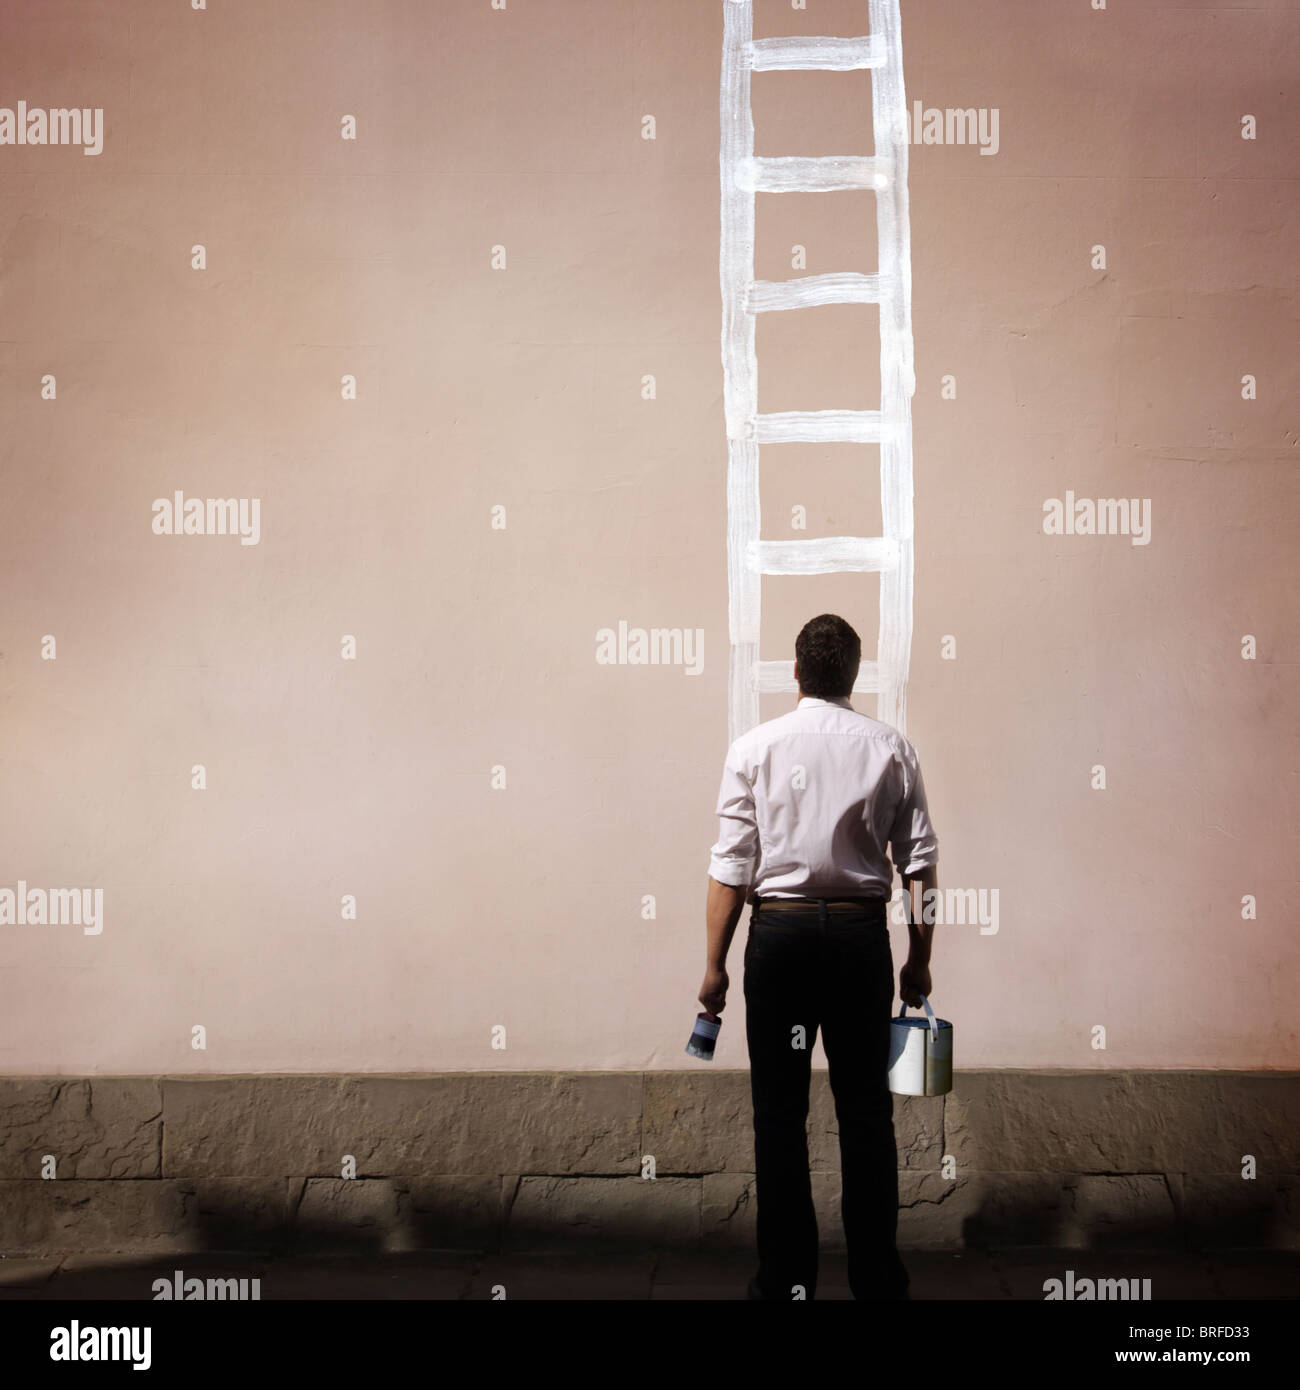 Uomo con scaletta dipinta sulla parete Immagini Stock